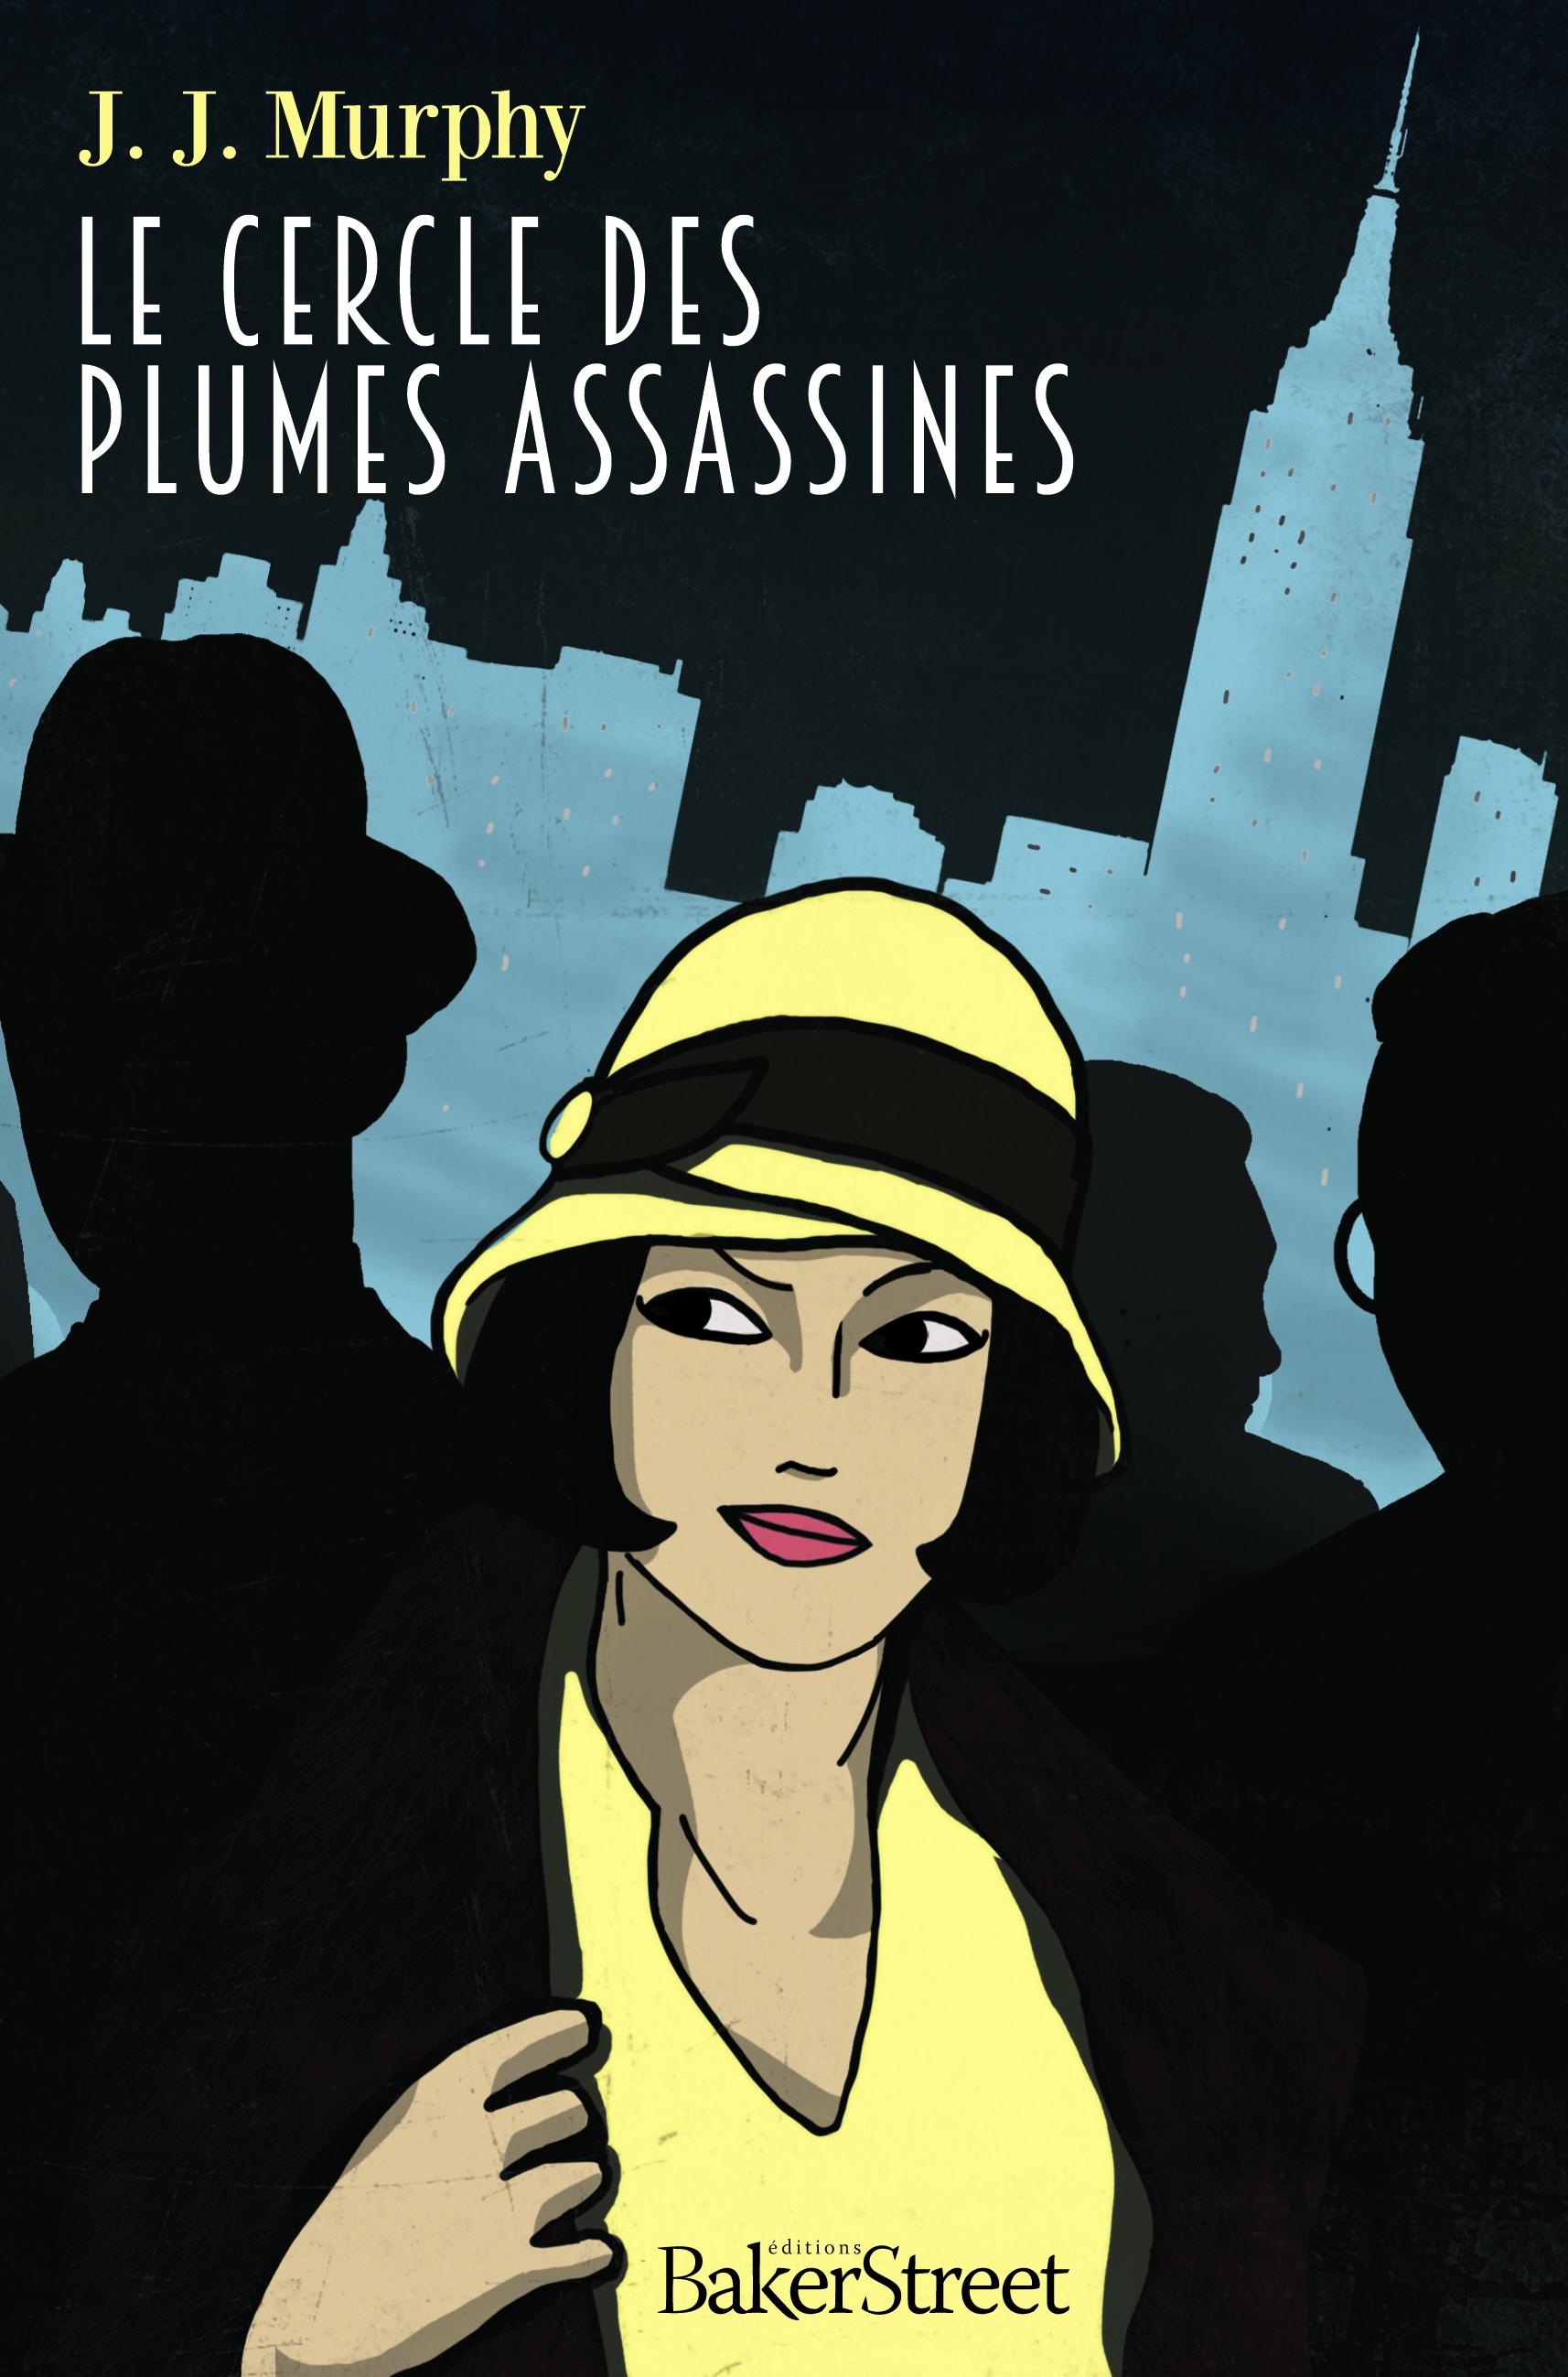 Auteur De Roman Policier Connu : auteur, roman, policier, connu, Cercle, Plumes, Assassines,, Excellent, Roman, Policier, Murphy, Livre, Ouvert